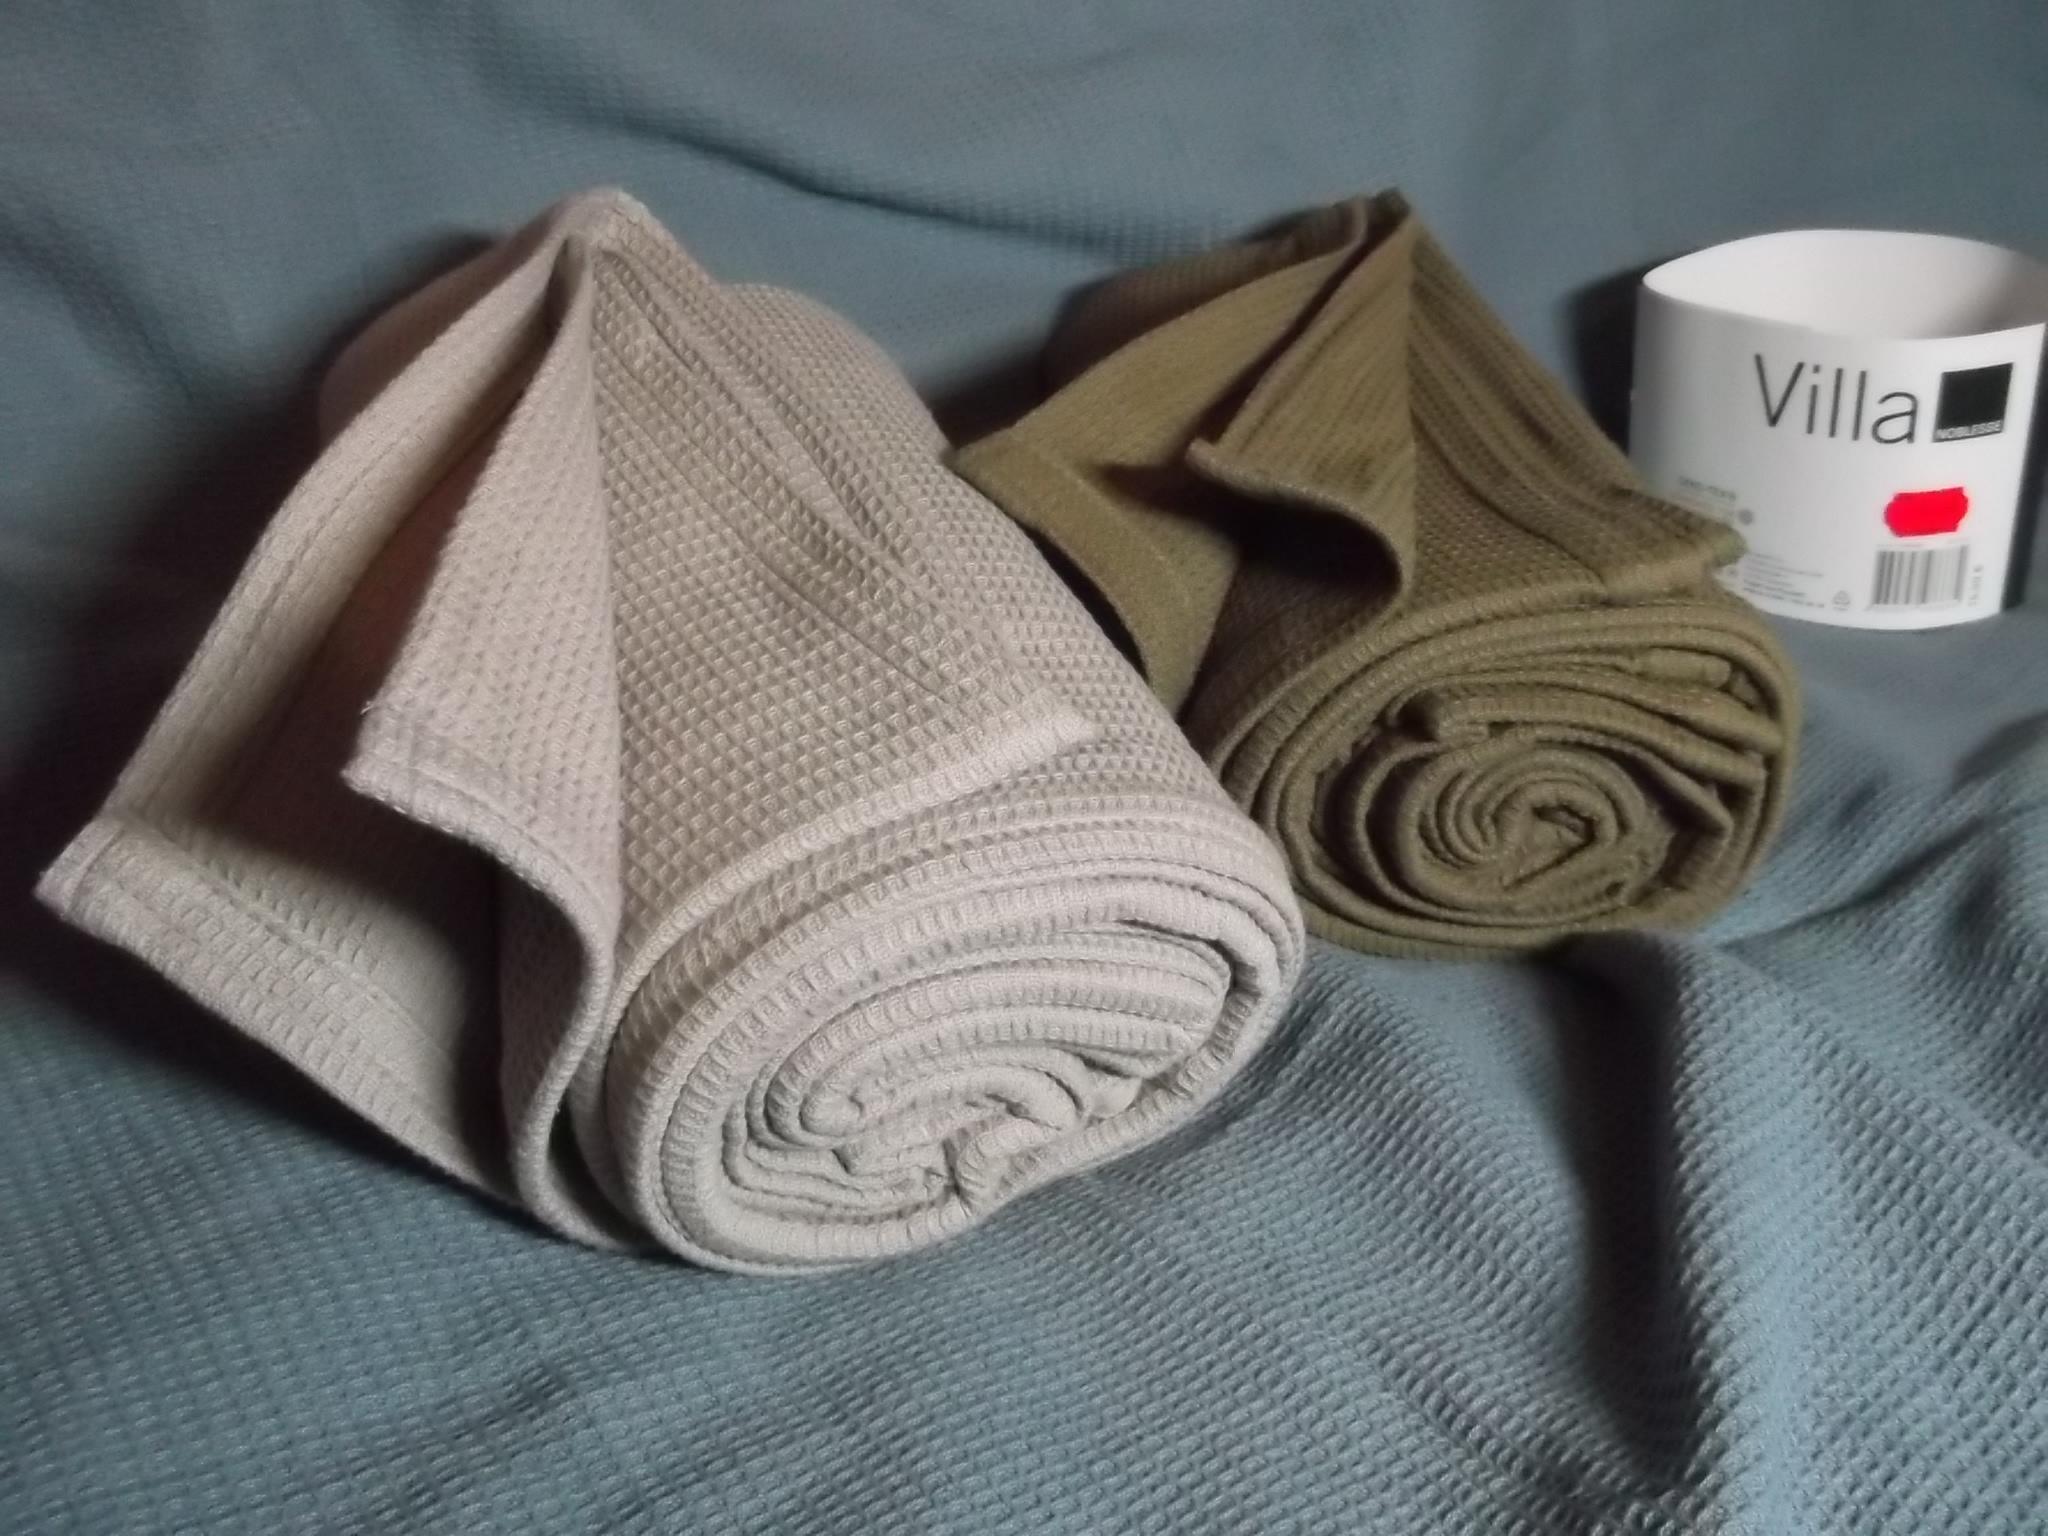 [Offline] Real Märkte: Wohndecke aus Baumwolle in Waffelpique, 130x170 cm im Abverkauf, statt 15,99 EU